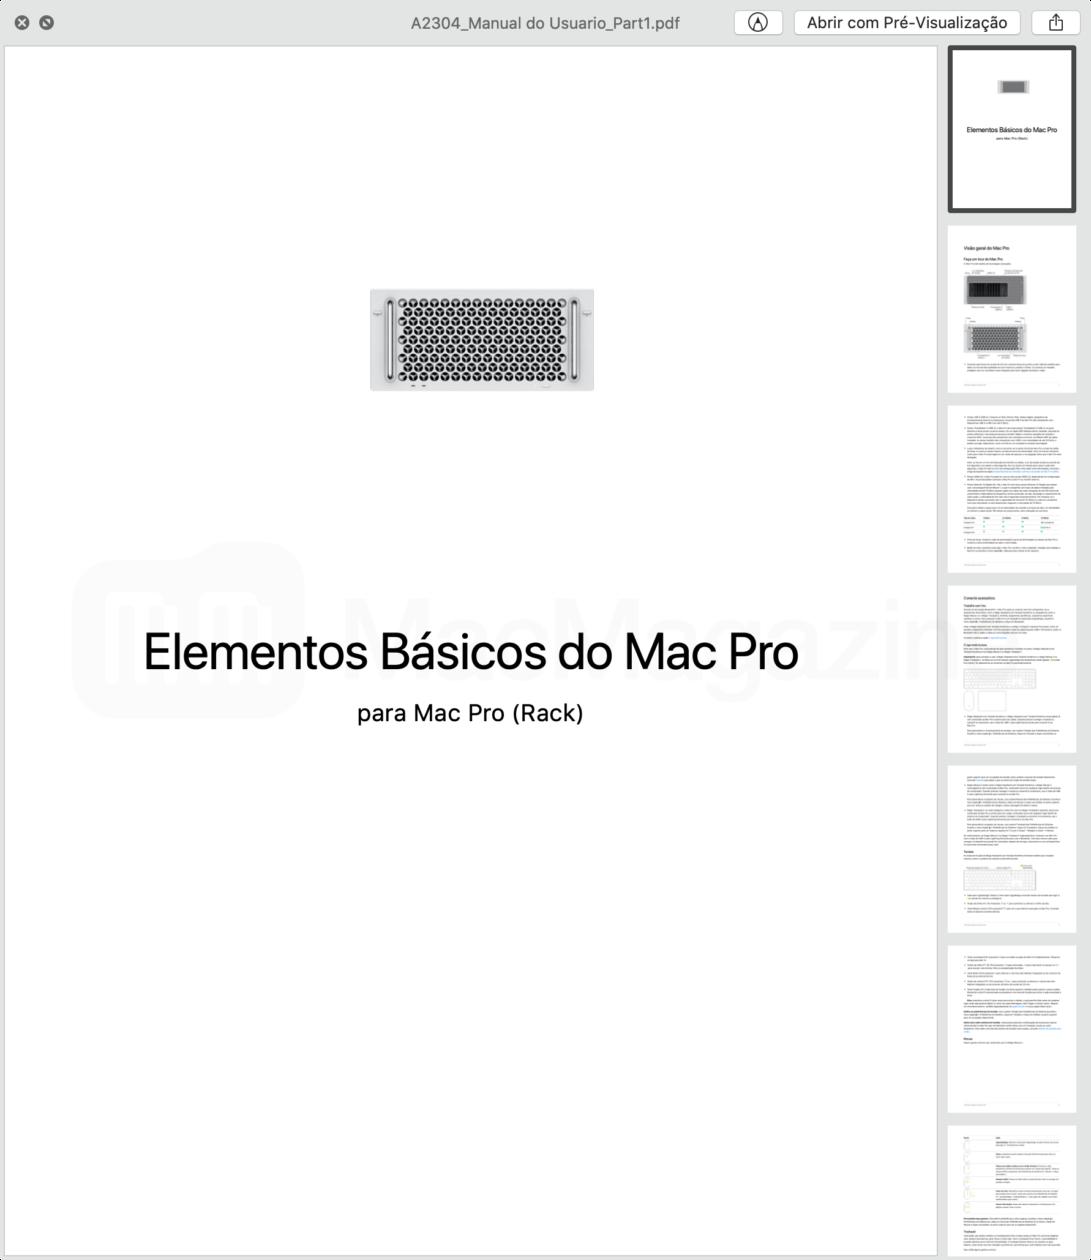 Documentos da Anatel referente a homologação da versão rack do Mac Pro